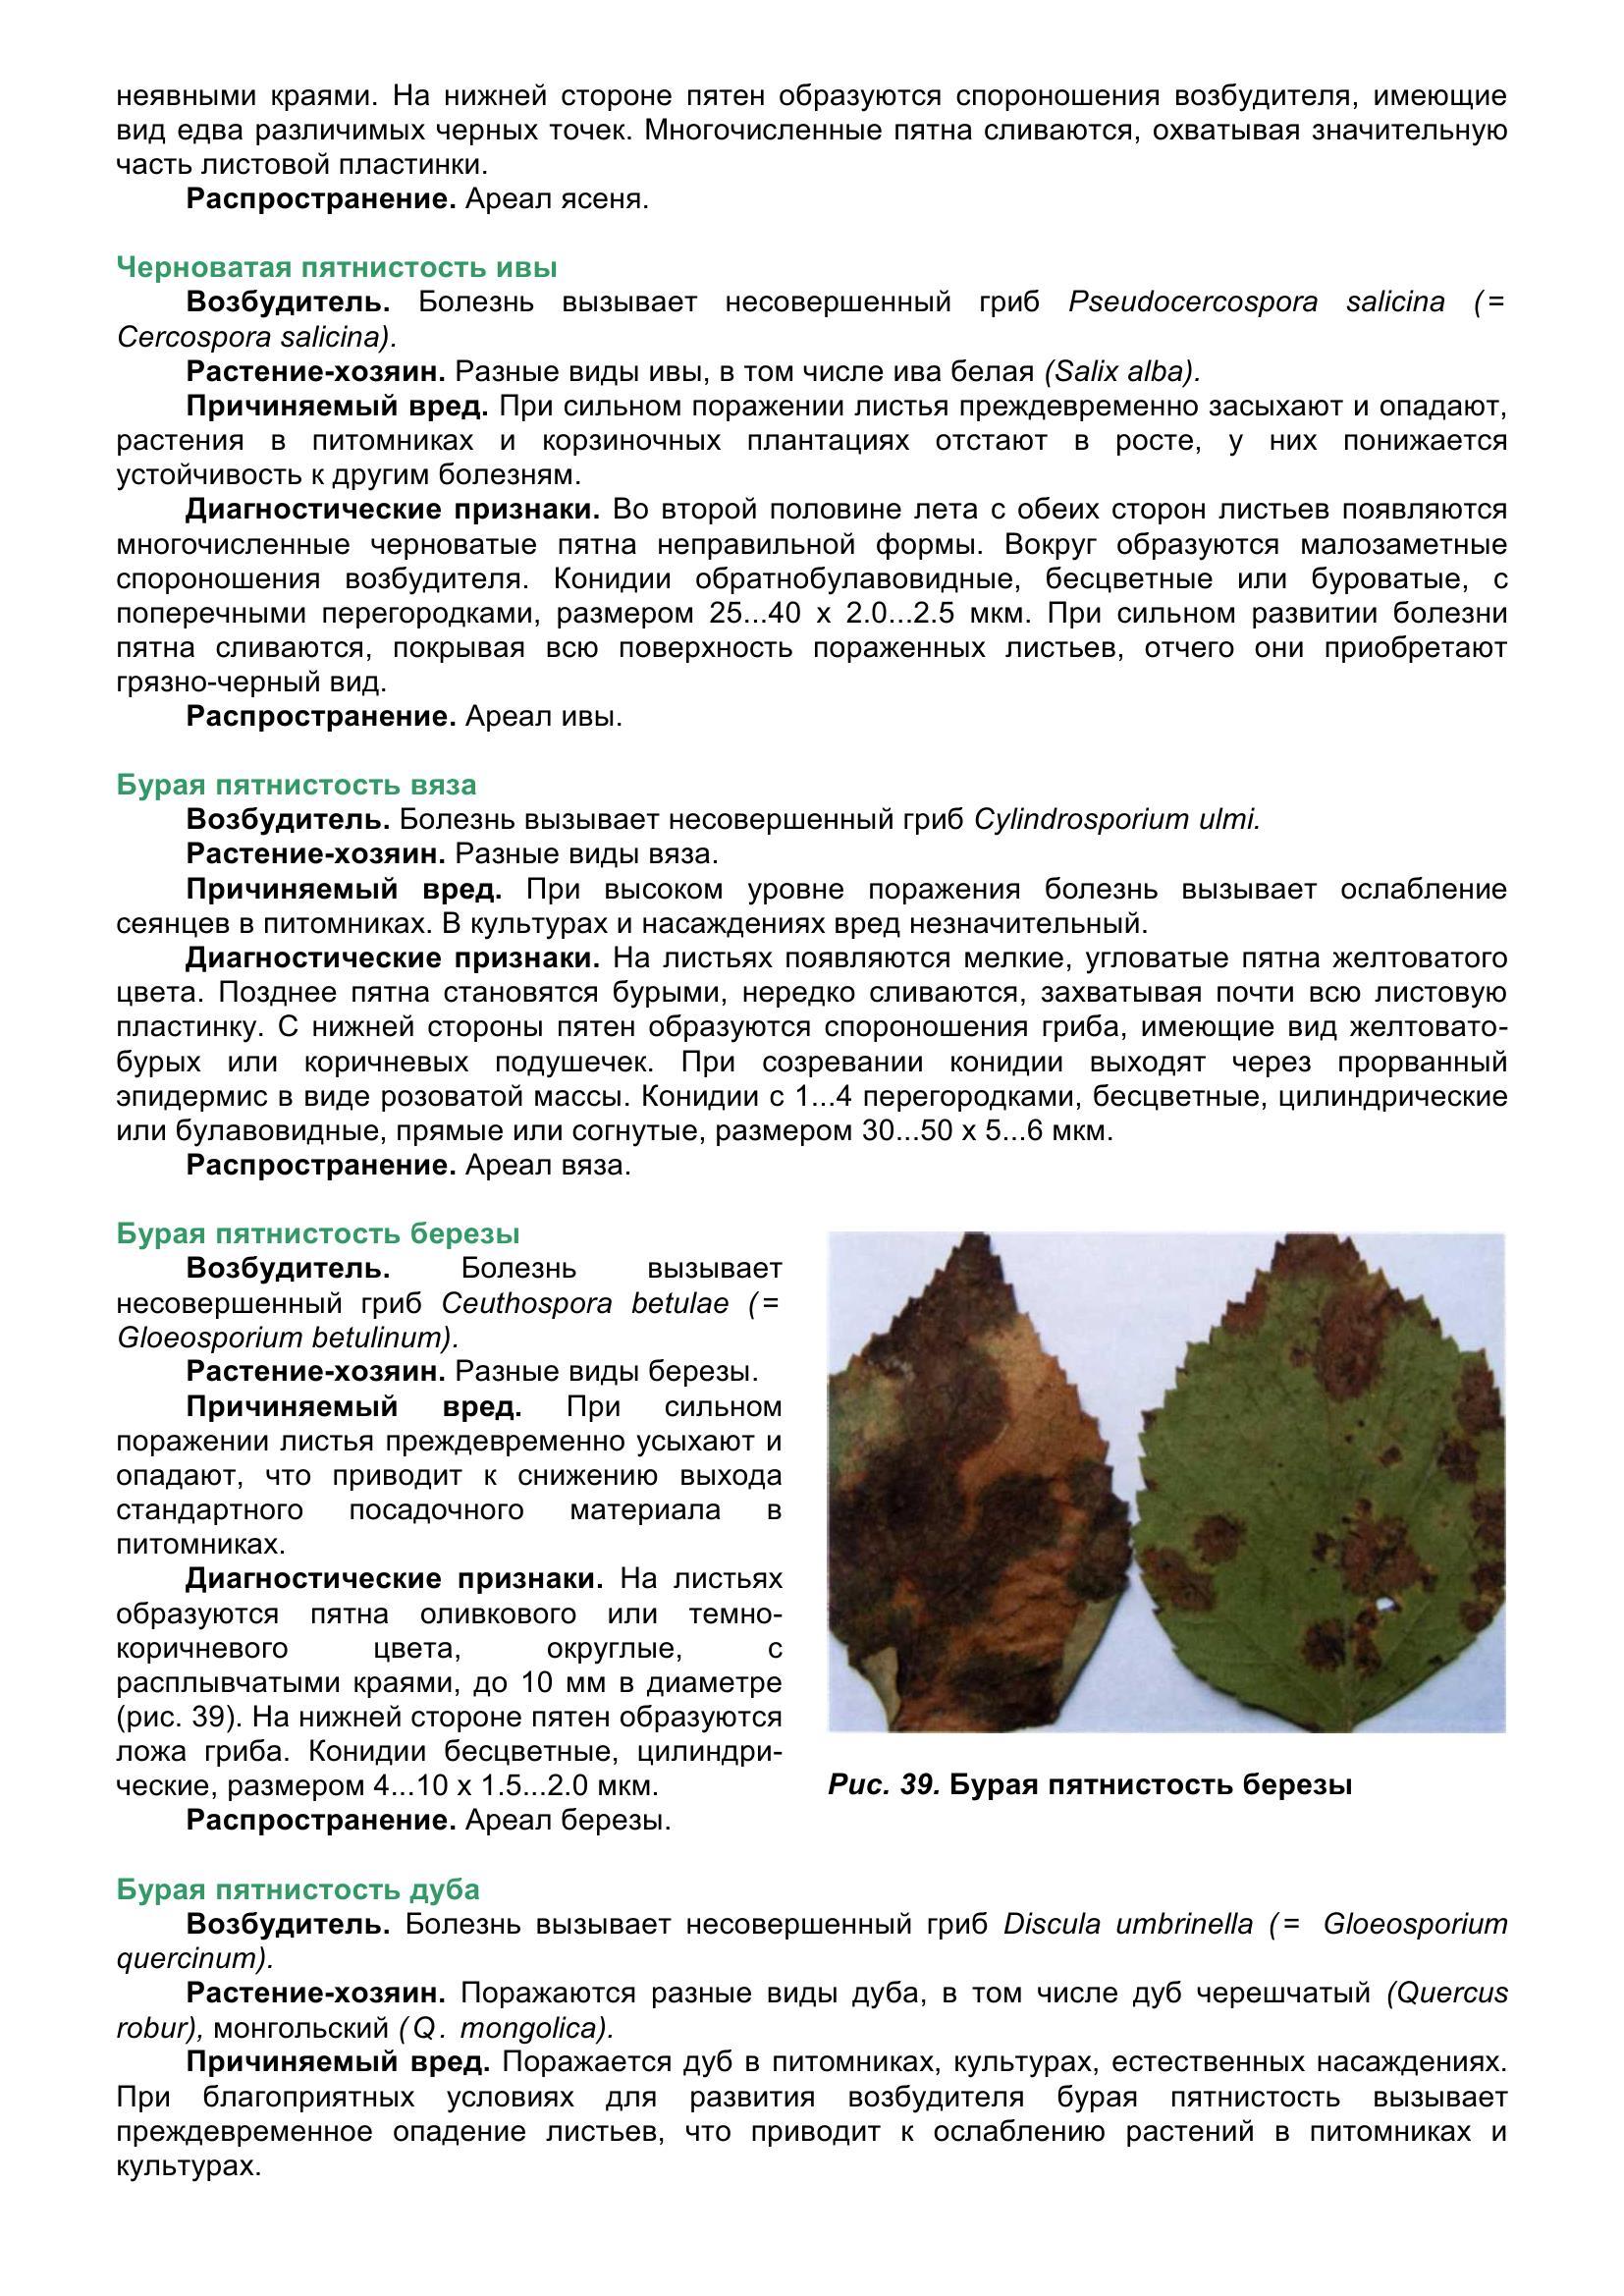 Болезни_древесных_растений_054.jpg